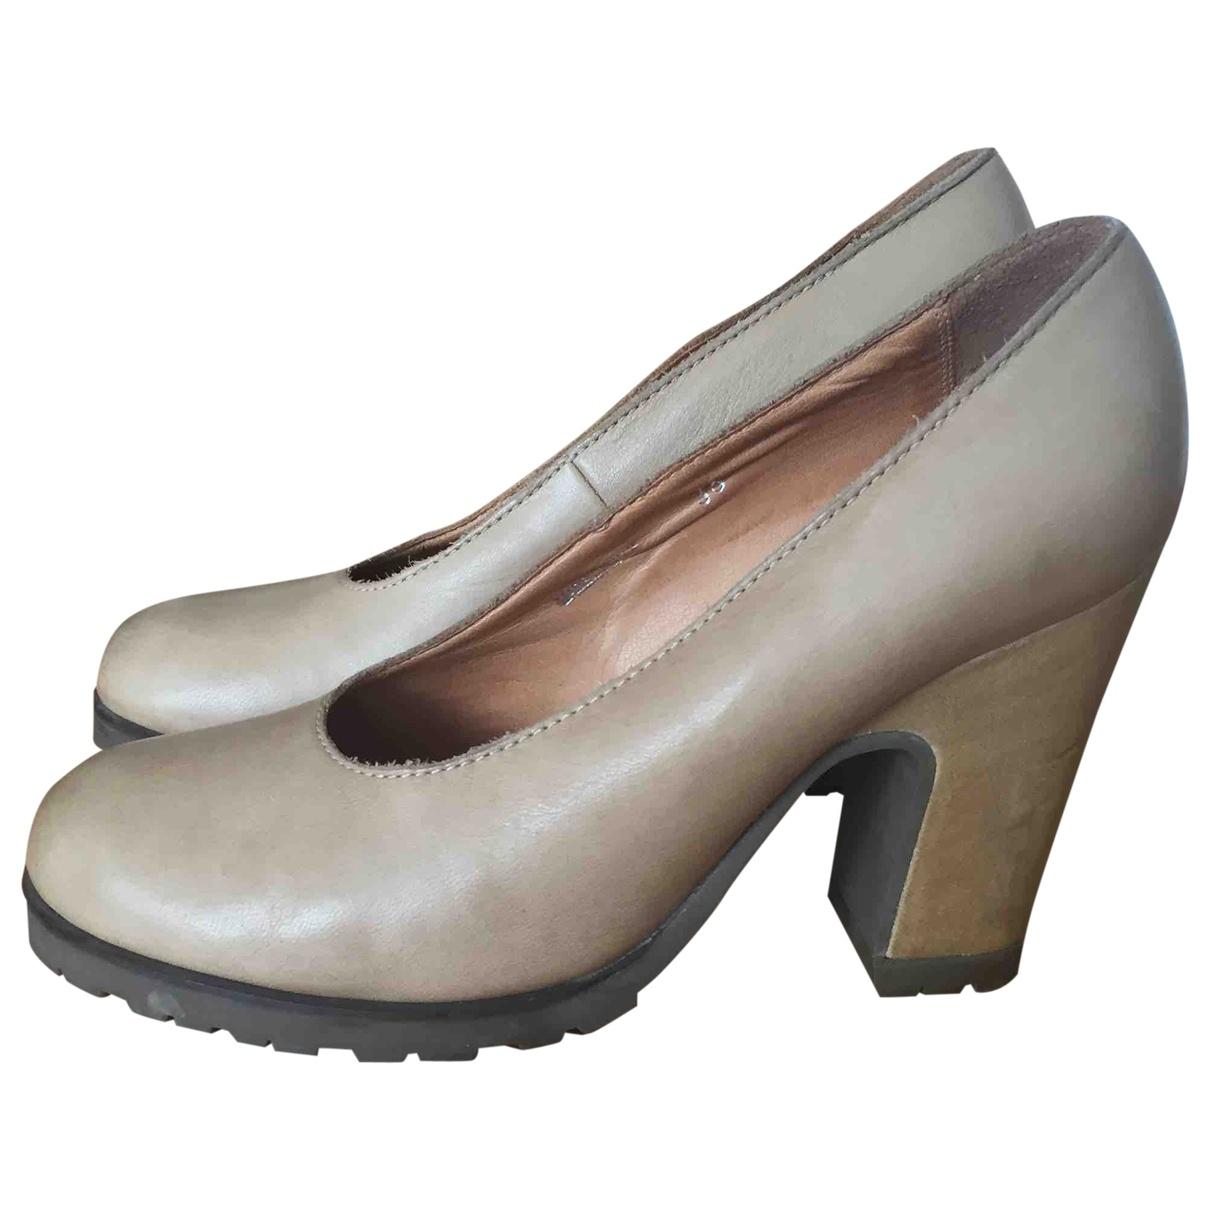 Mm6 - Escarpins   pour femme en cuir - beige